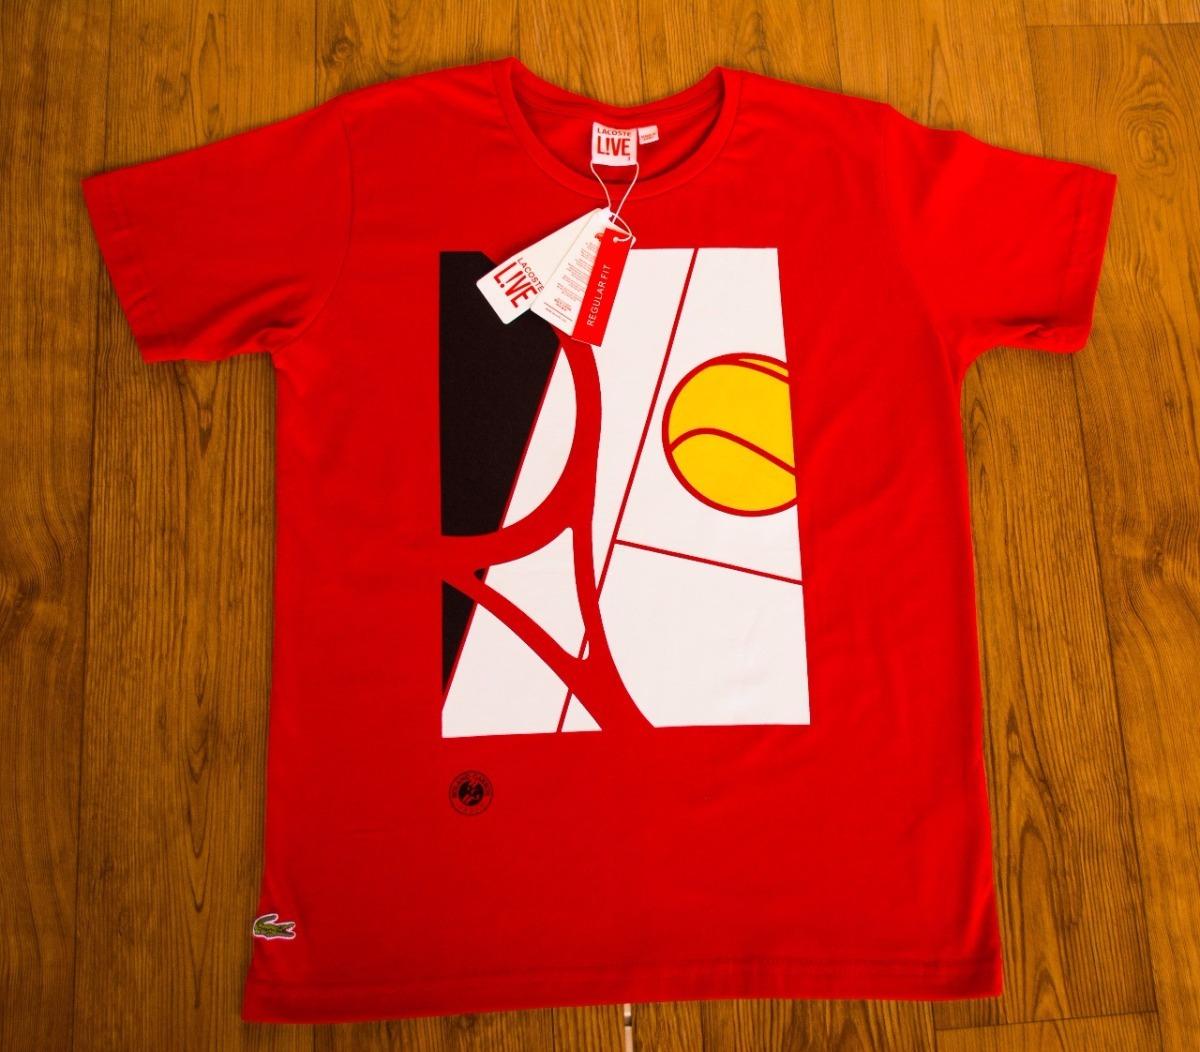 5b0d1cecd742e Kit Atacado 10 Peças Camisetas Estampadas Lacoste Live - R  340